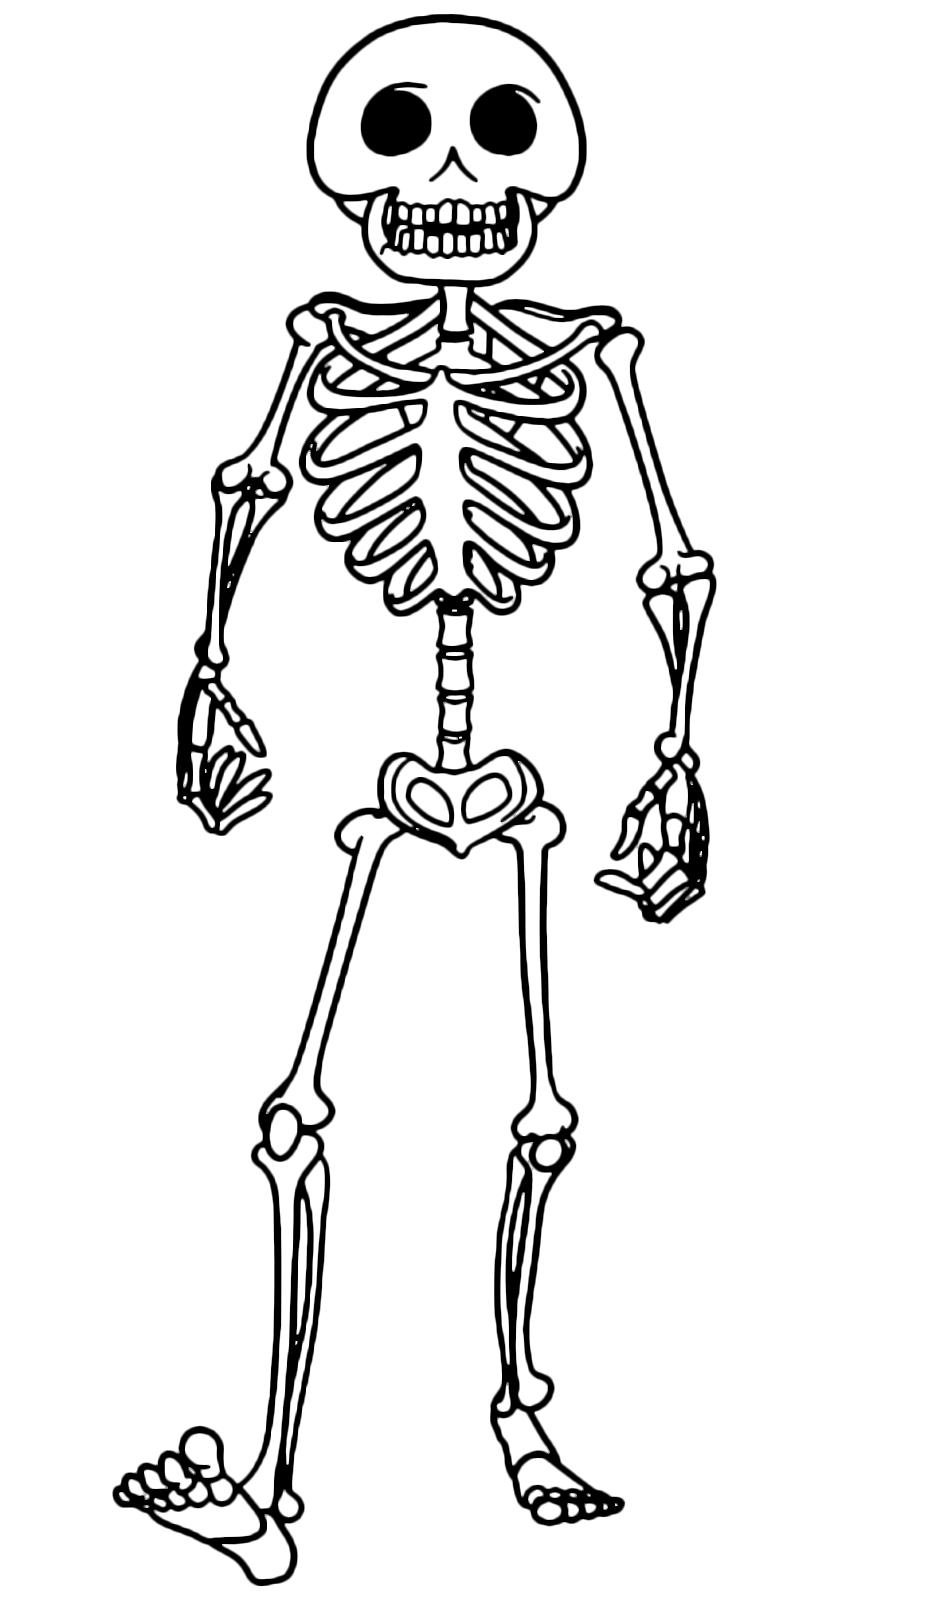 Hotel transylvania lo scheletro ospite dell 39 hotel - Scheletro foglio da colorare ...